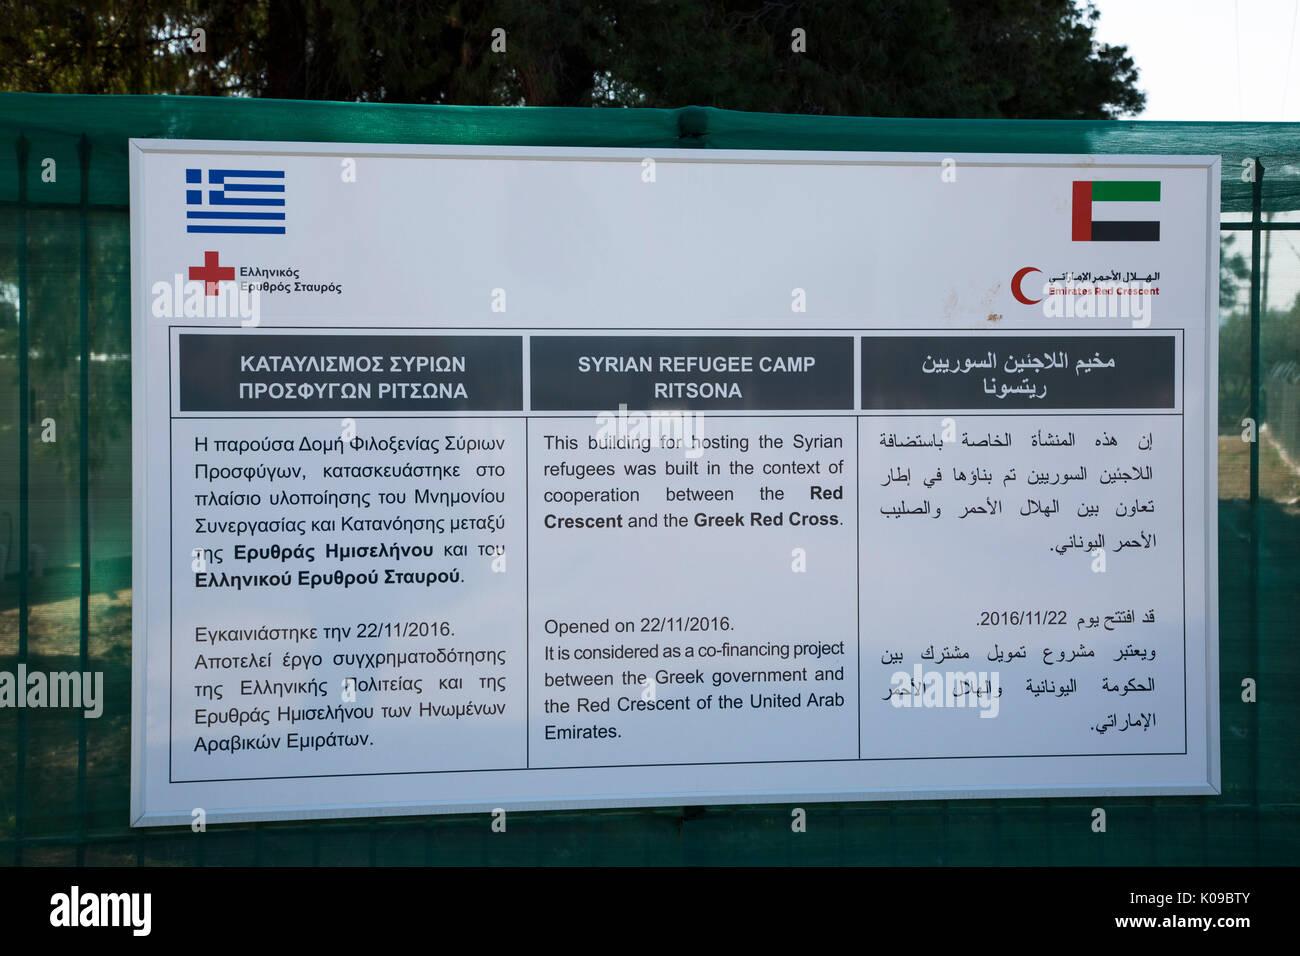 Ein Schild am Eingang Ritsona Flüchtlingslager in Griechisch, Englisch und Arabisch erzählt von Zusammenarbeit der Griechischen Roten Kreuz und Roten Halbmond Emirates. Stockbild